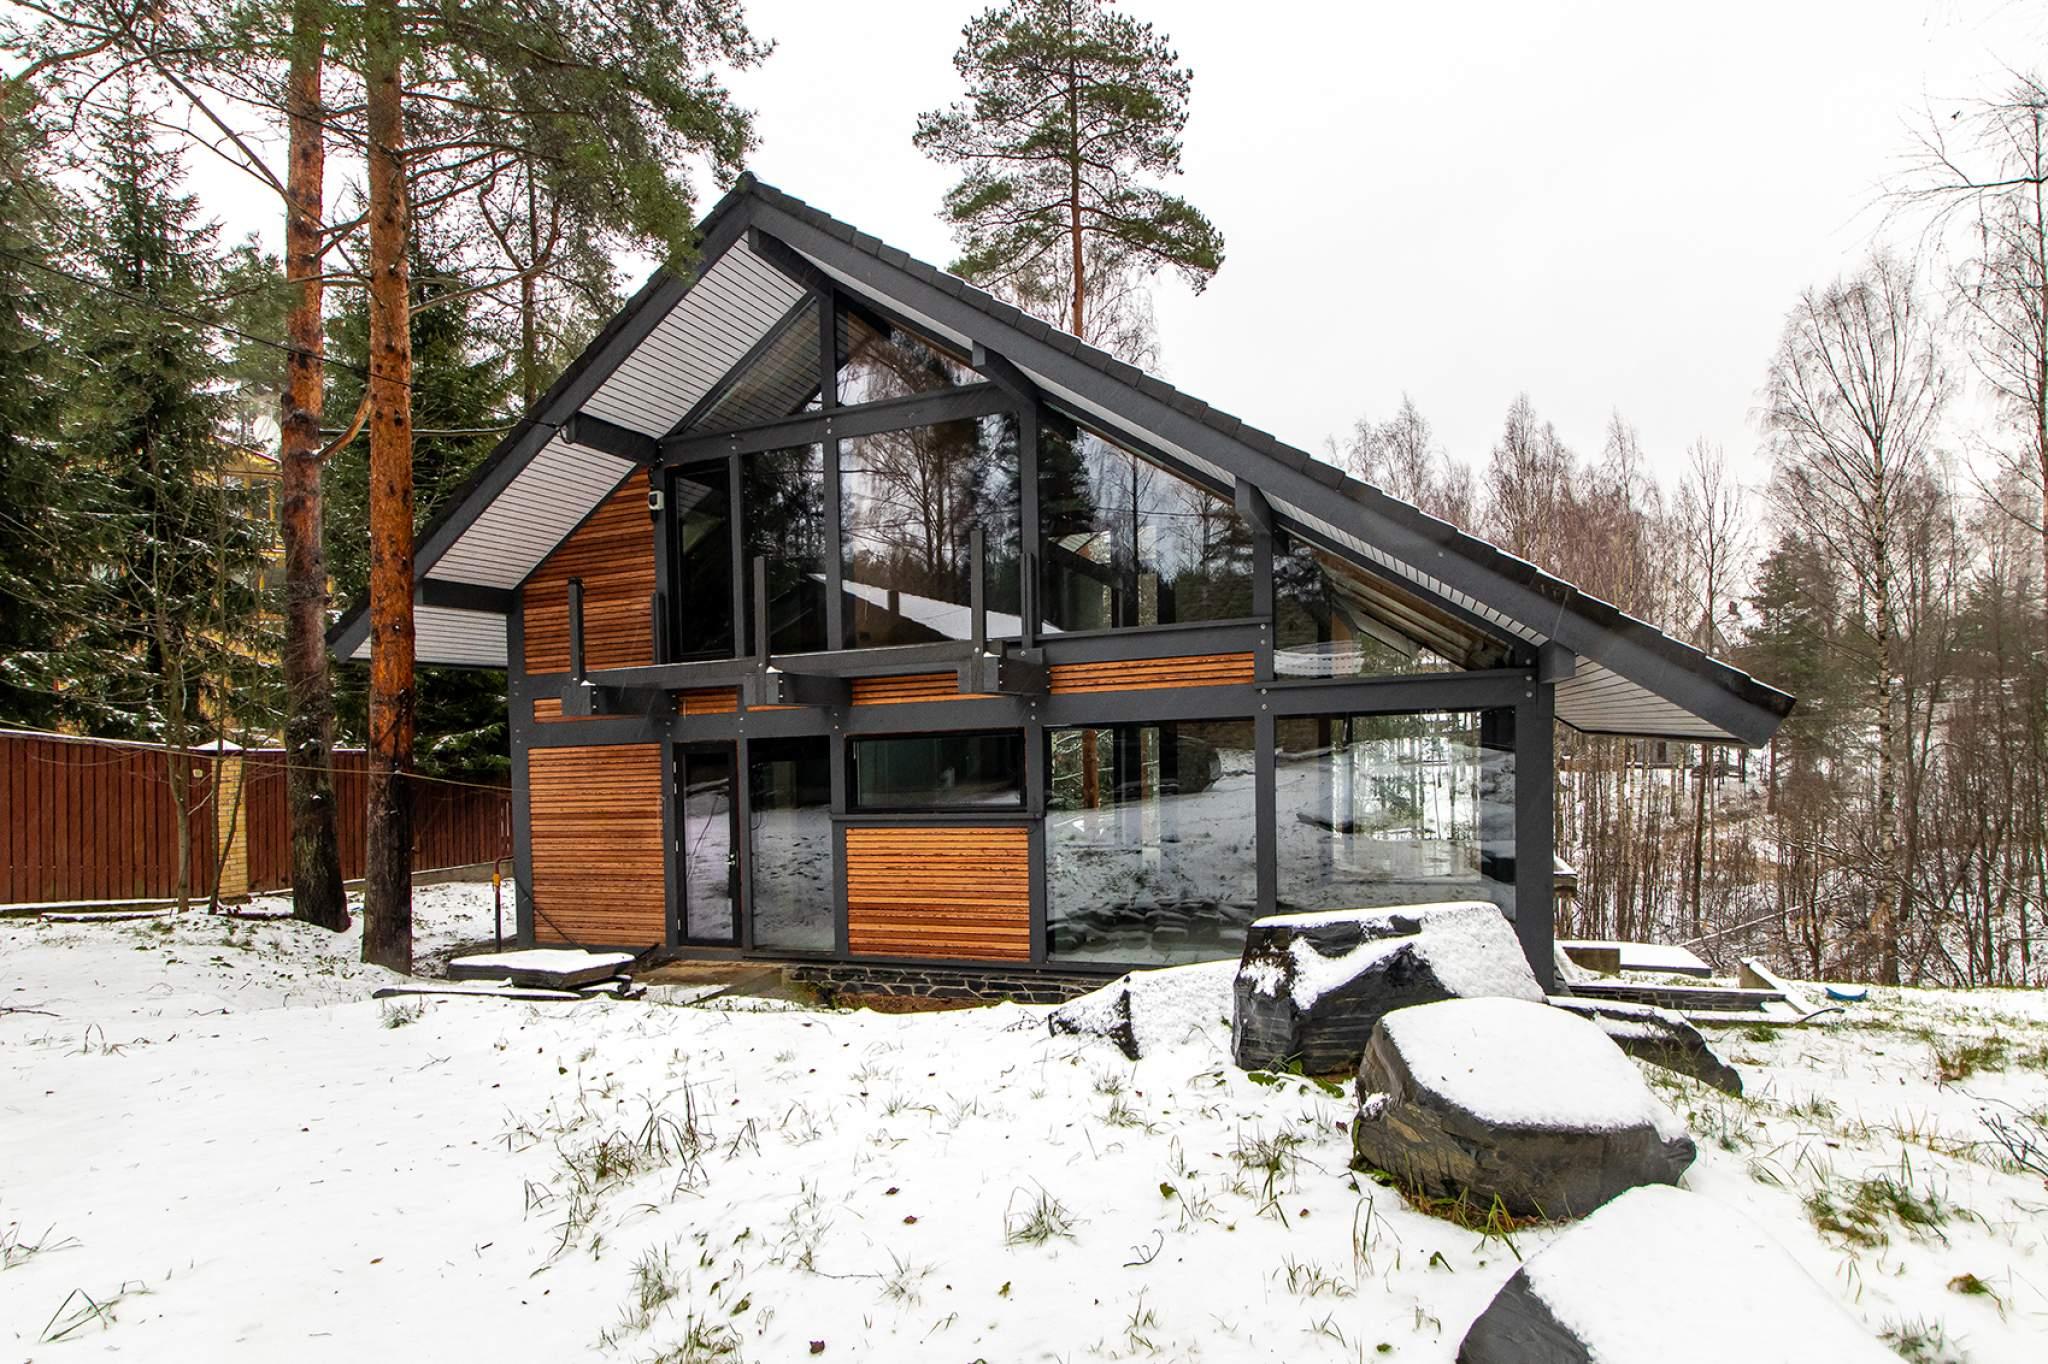 Продажа дома, 385м <sup>2</sup>, 15 сот., Воейково, Воейковское шоссе